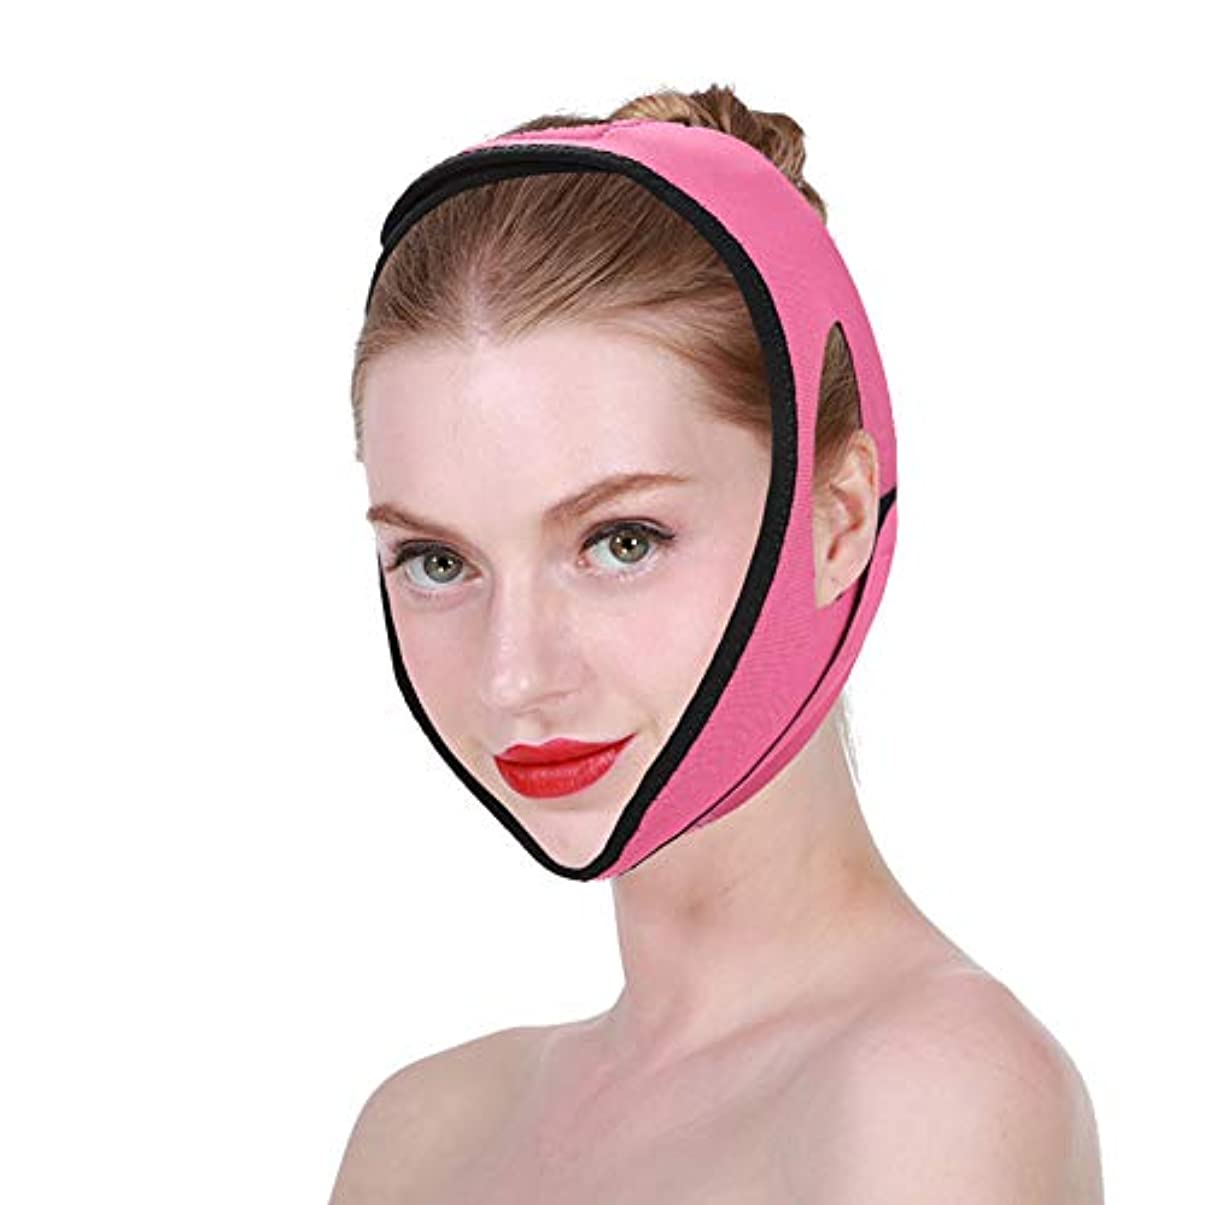 事業ヘビーセラーフェイシャルスリミングマスク、フェイスベルト 顔の包帯スリミングダブルチンVラインとフェイシャルケアファーミングスキン超薄型 クラインベルト (Red)